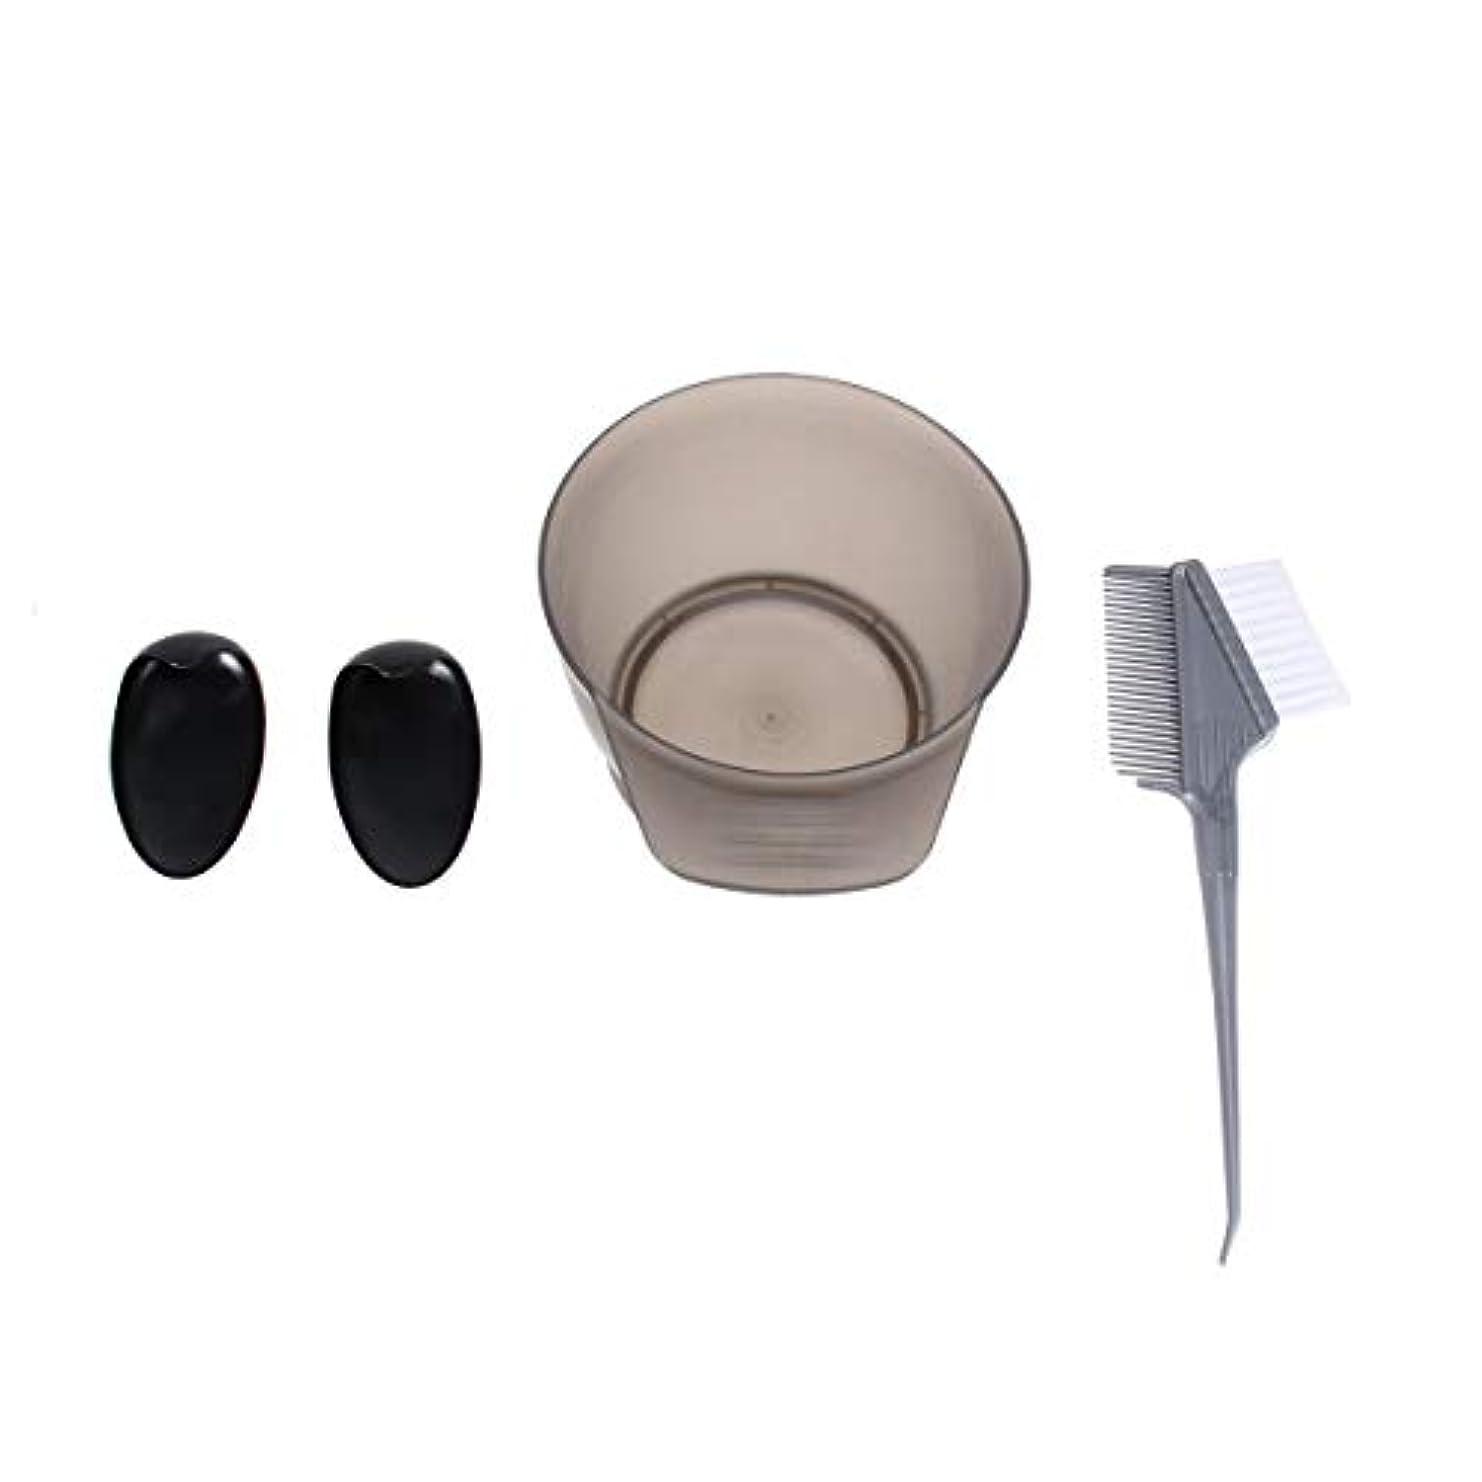 スタウト飲み込むパスタLurroseヘアカラーキットプロフェッショナルホームdiyヘアティンティングセットヘア染色ツール